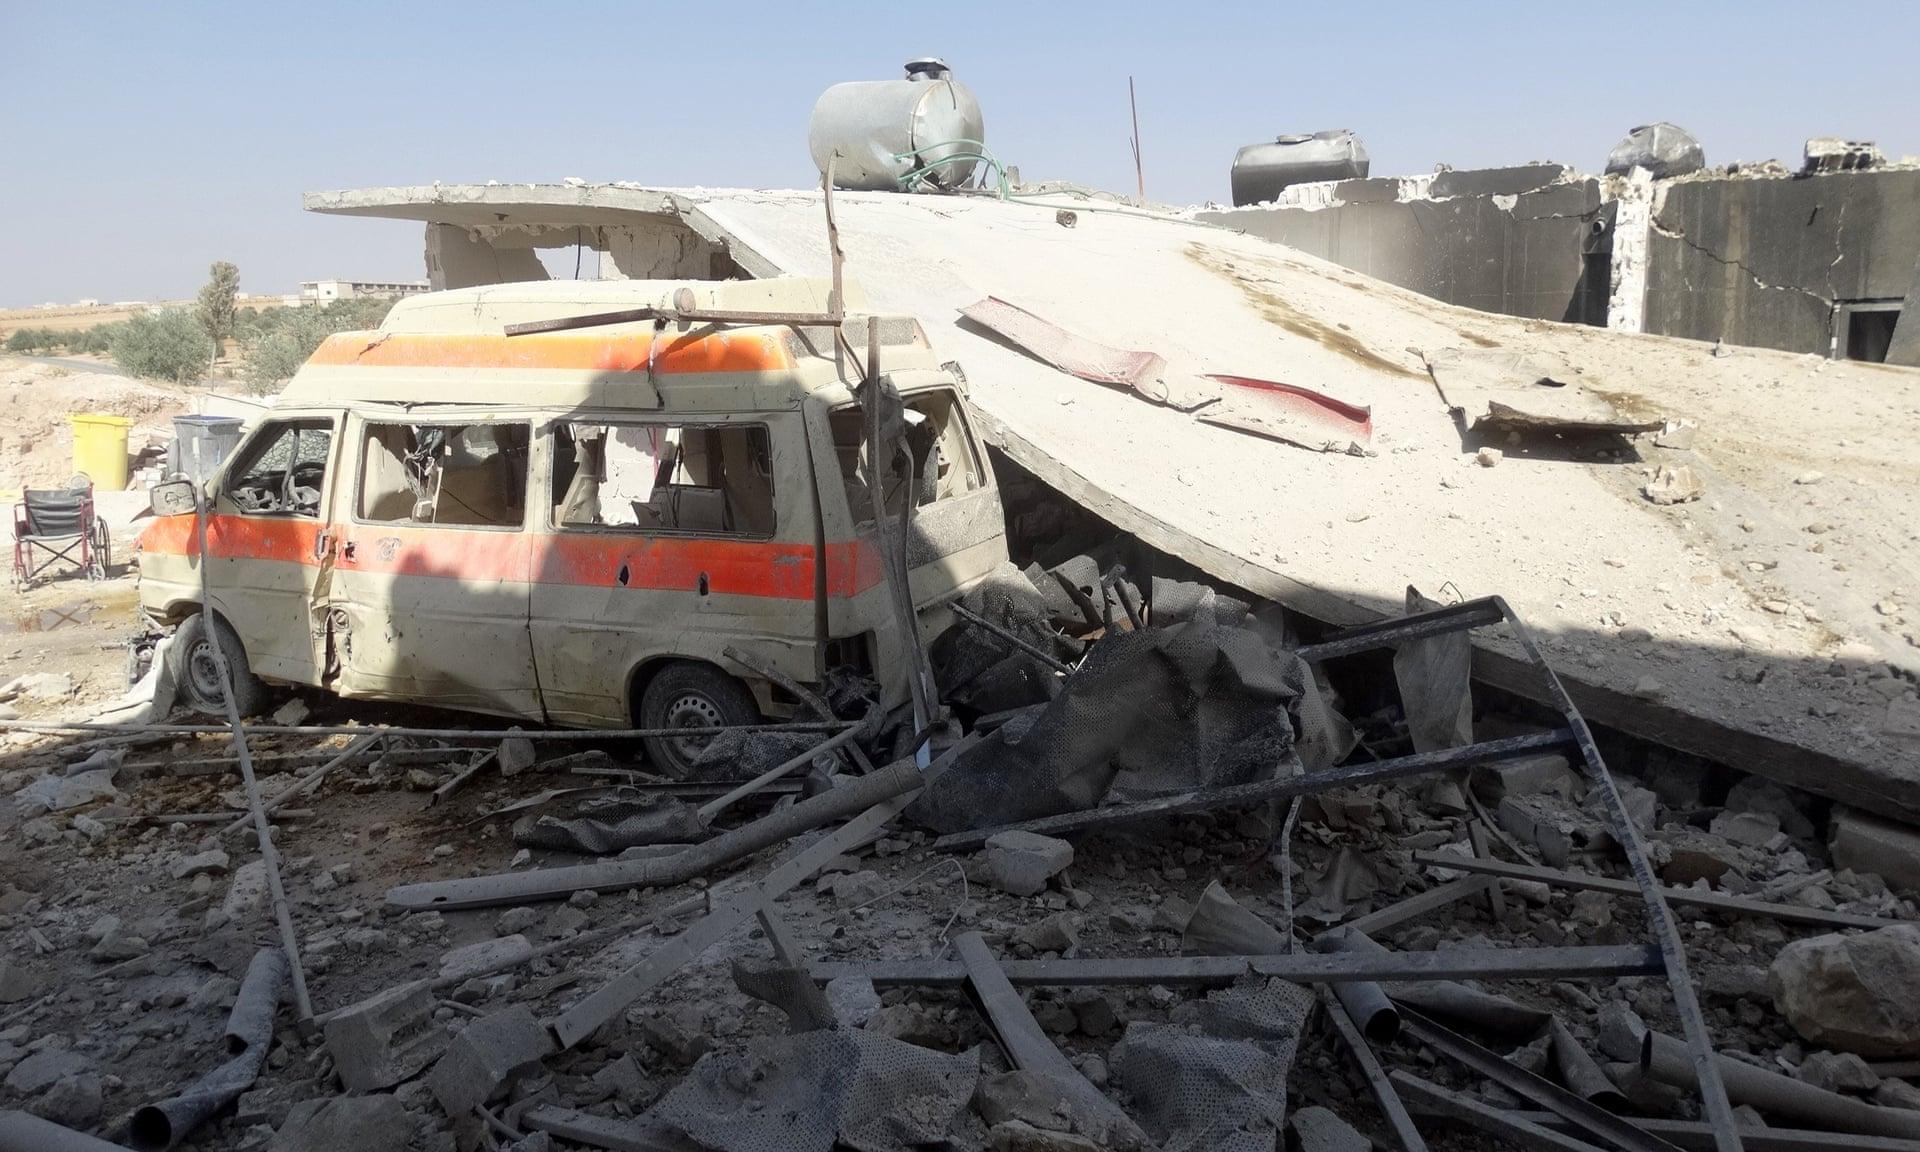 Crollo dell'ospedale al-Tah, crollato dopo un attacco aereo a Maarrat al-Nu'man (Idlib). Credits to: Anadolu Agency/Getty Images.